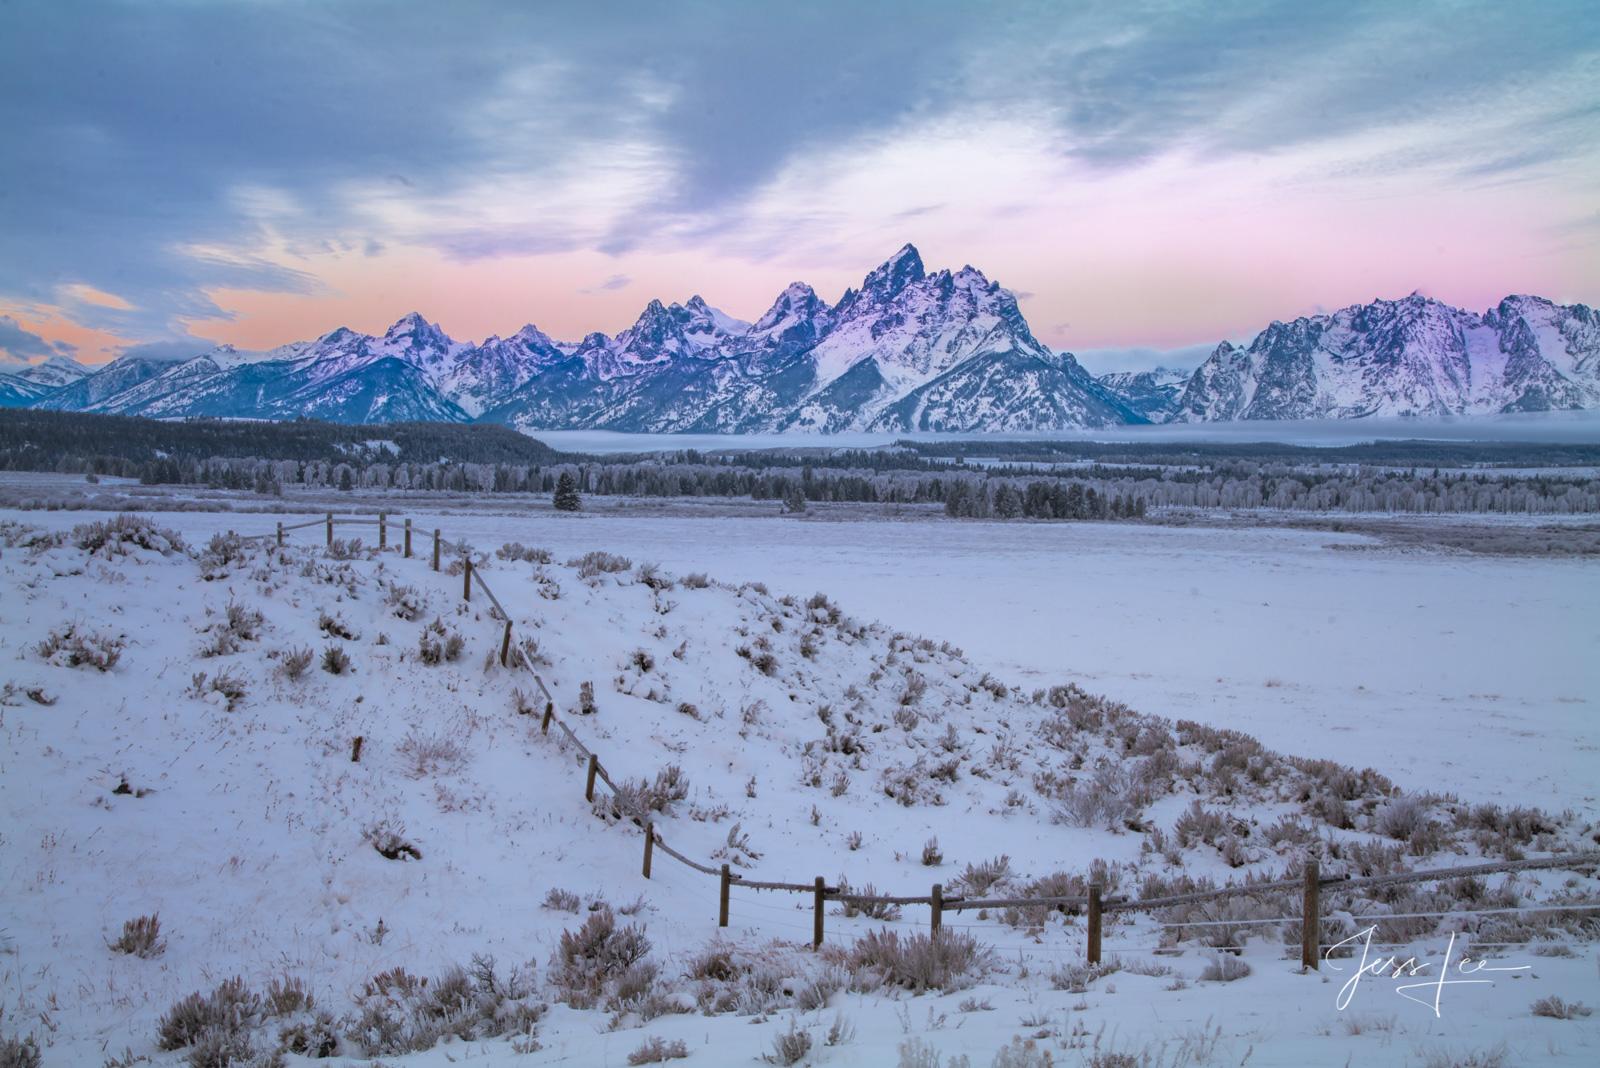 bears, wolves, mountains, wildlife, snow, trees, photo